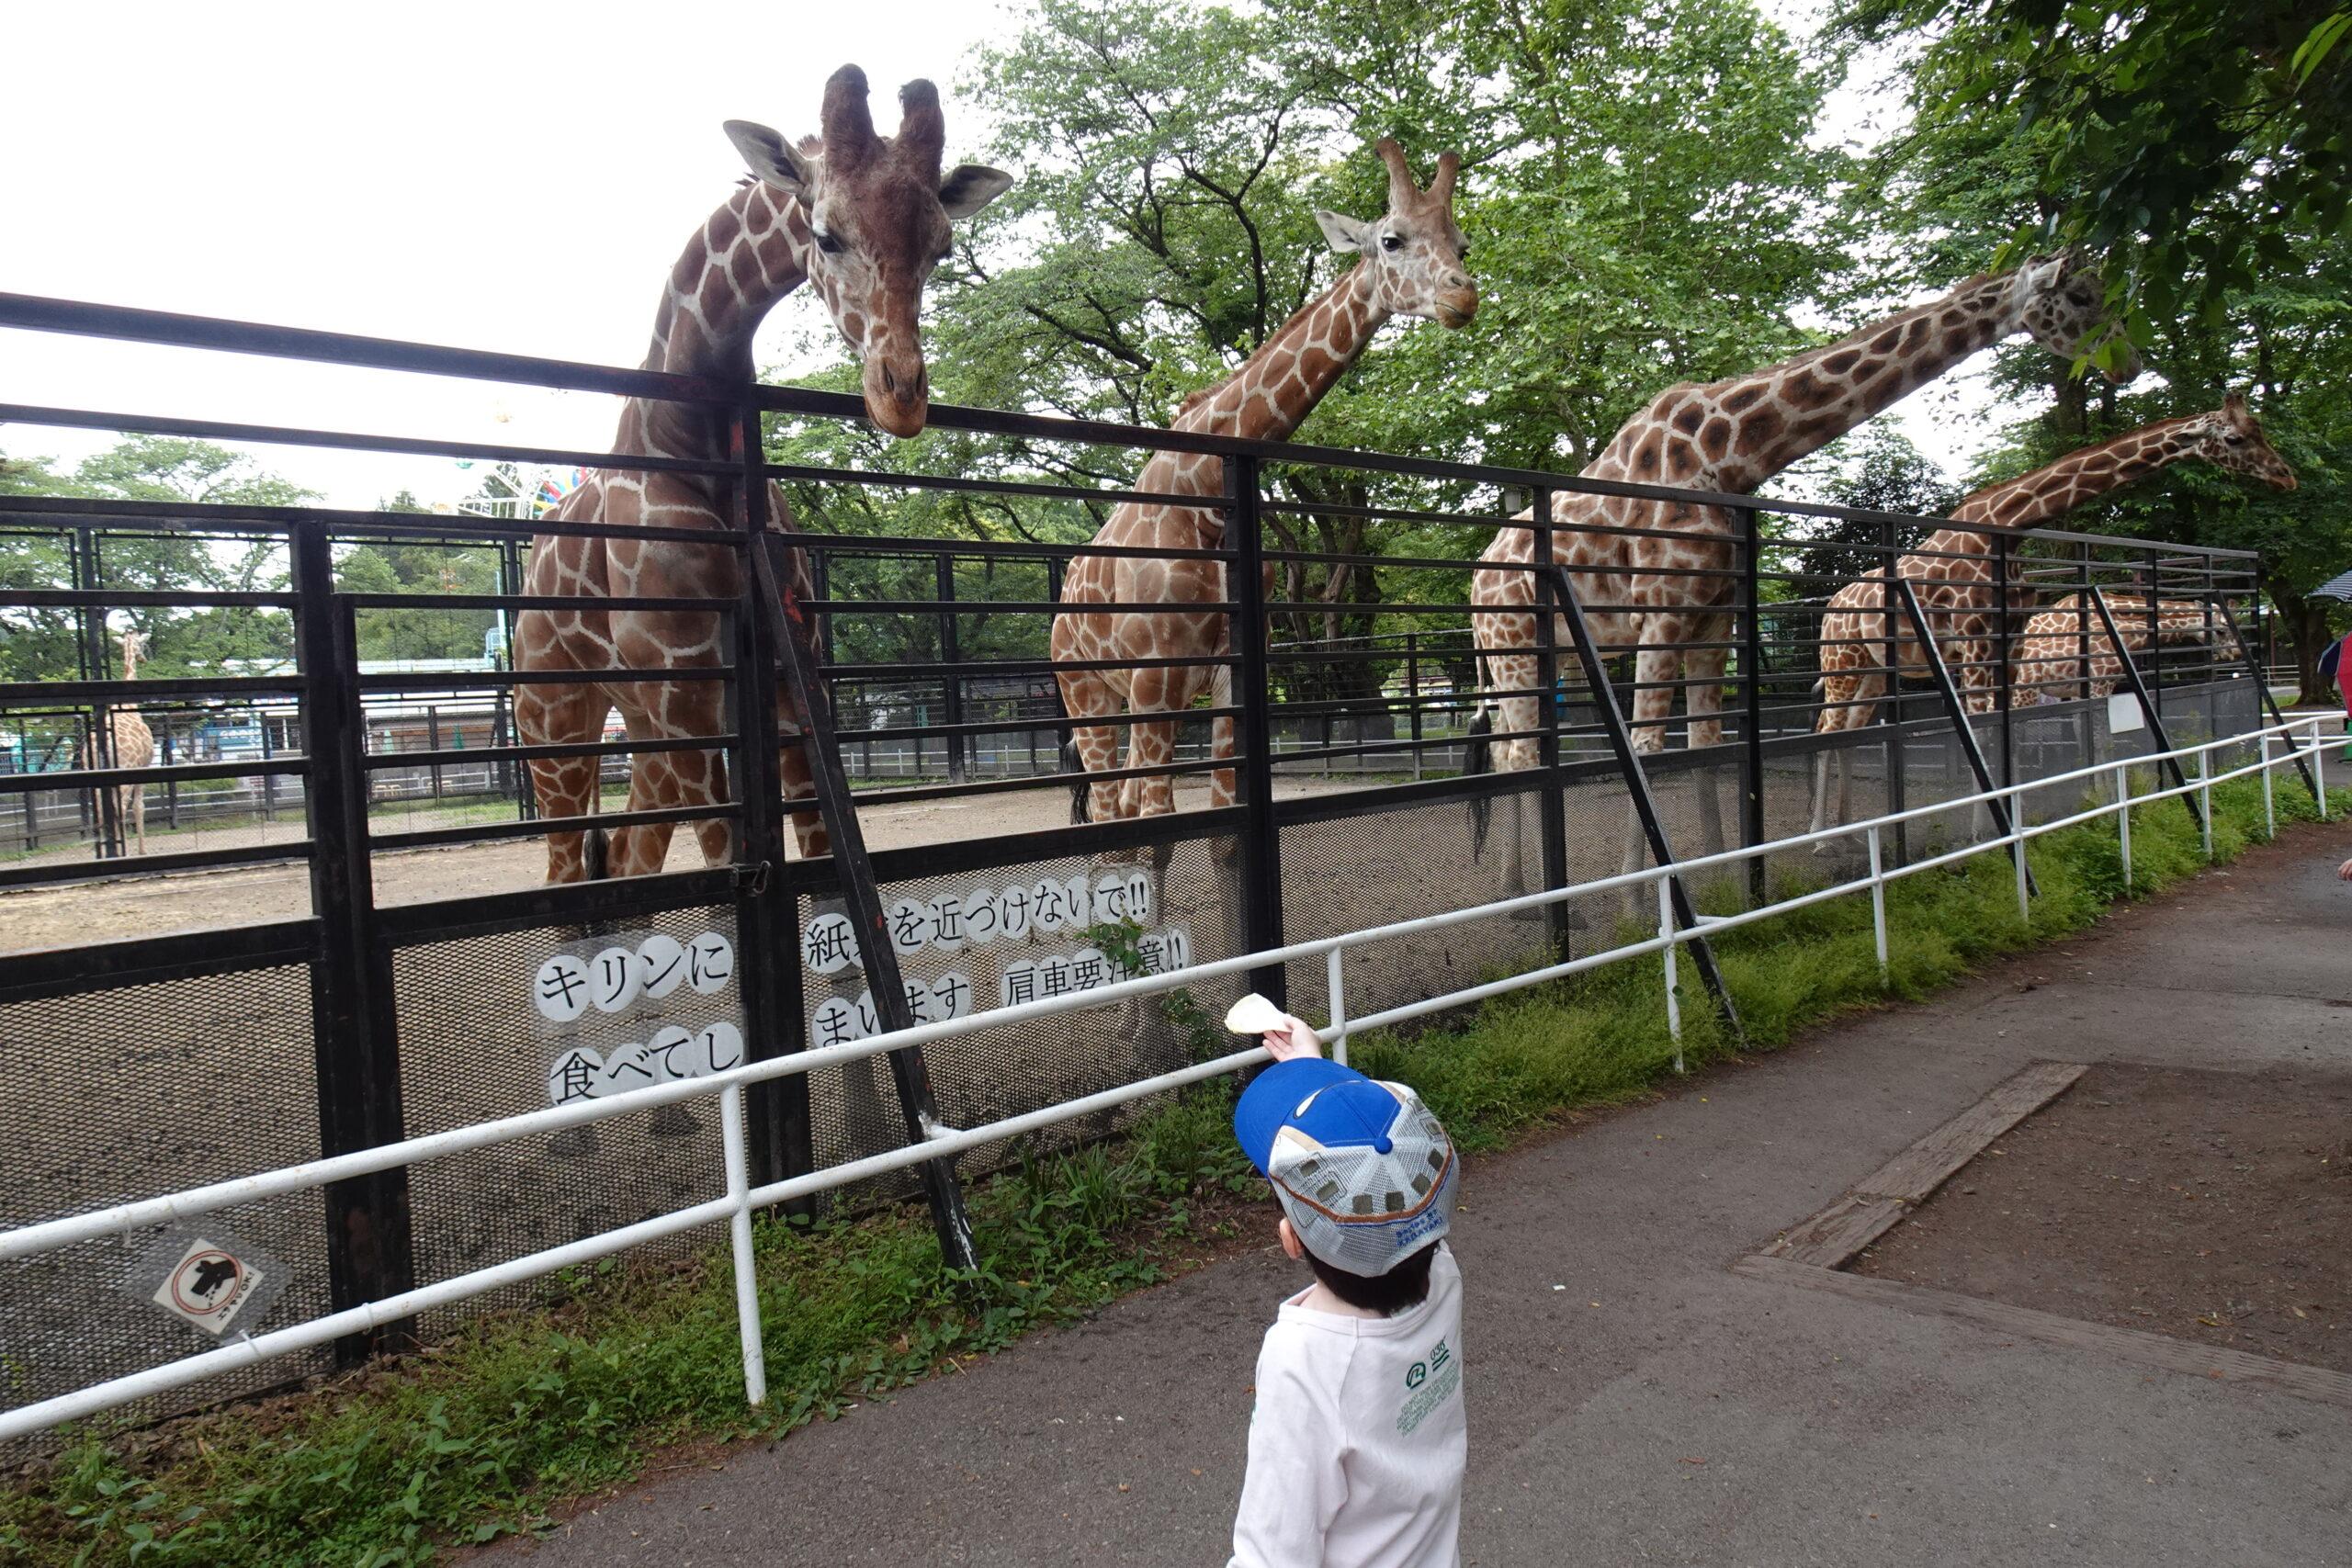 宇都宮動物園ではキリンに餌を直接あげることが出来ます。